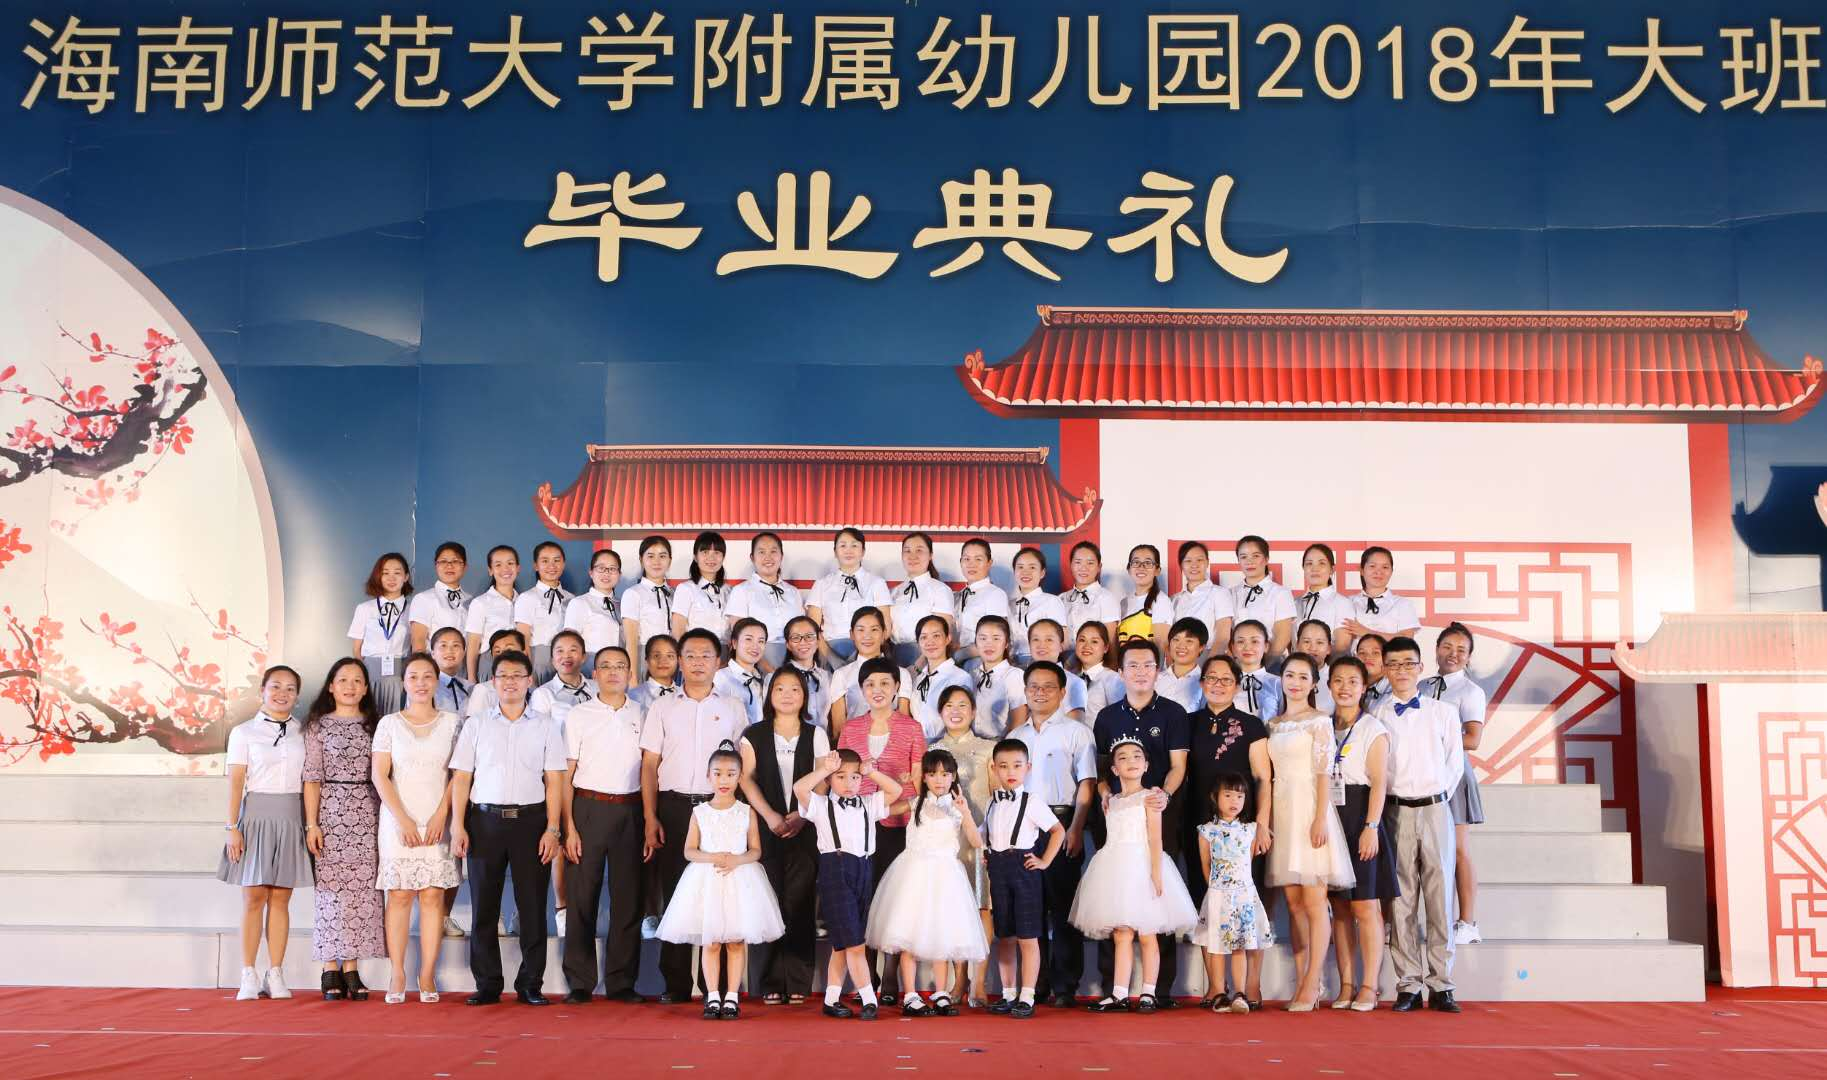 李红梅书记出席附属幼儿园2018年大班毕业典礼